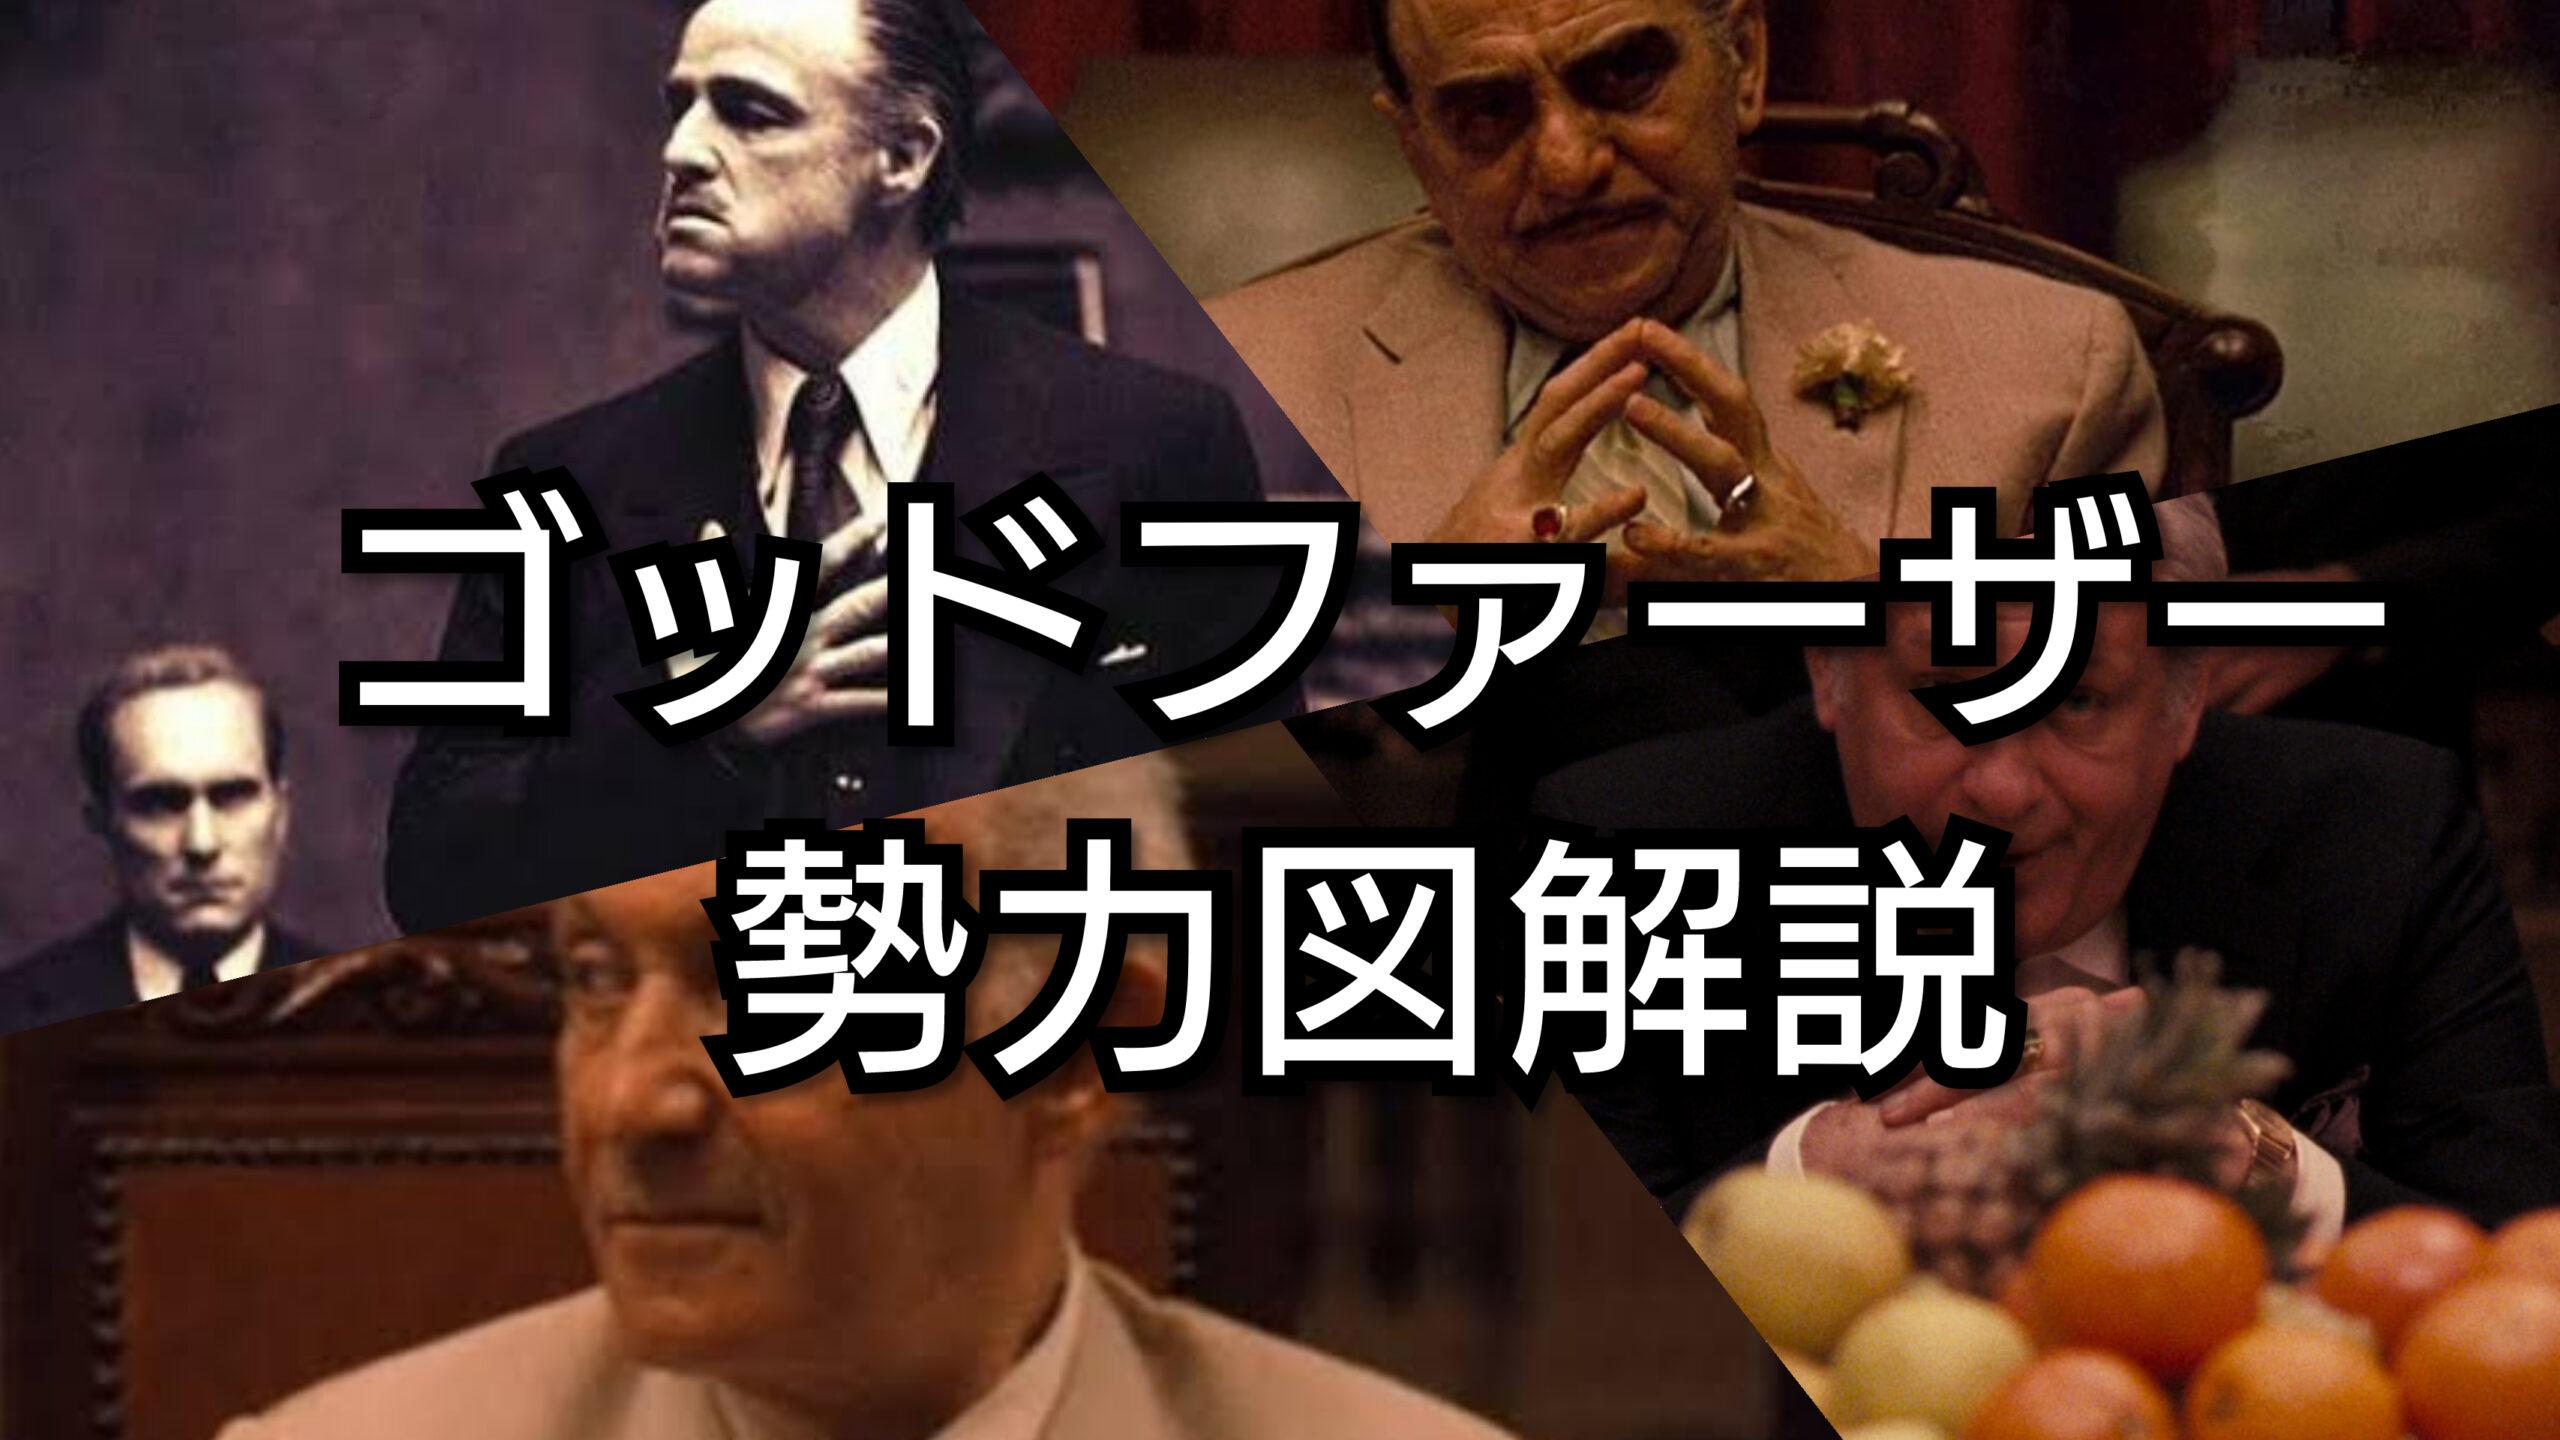 ゴッドファーザーファミリー勢力紹介